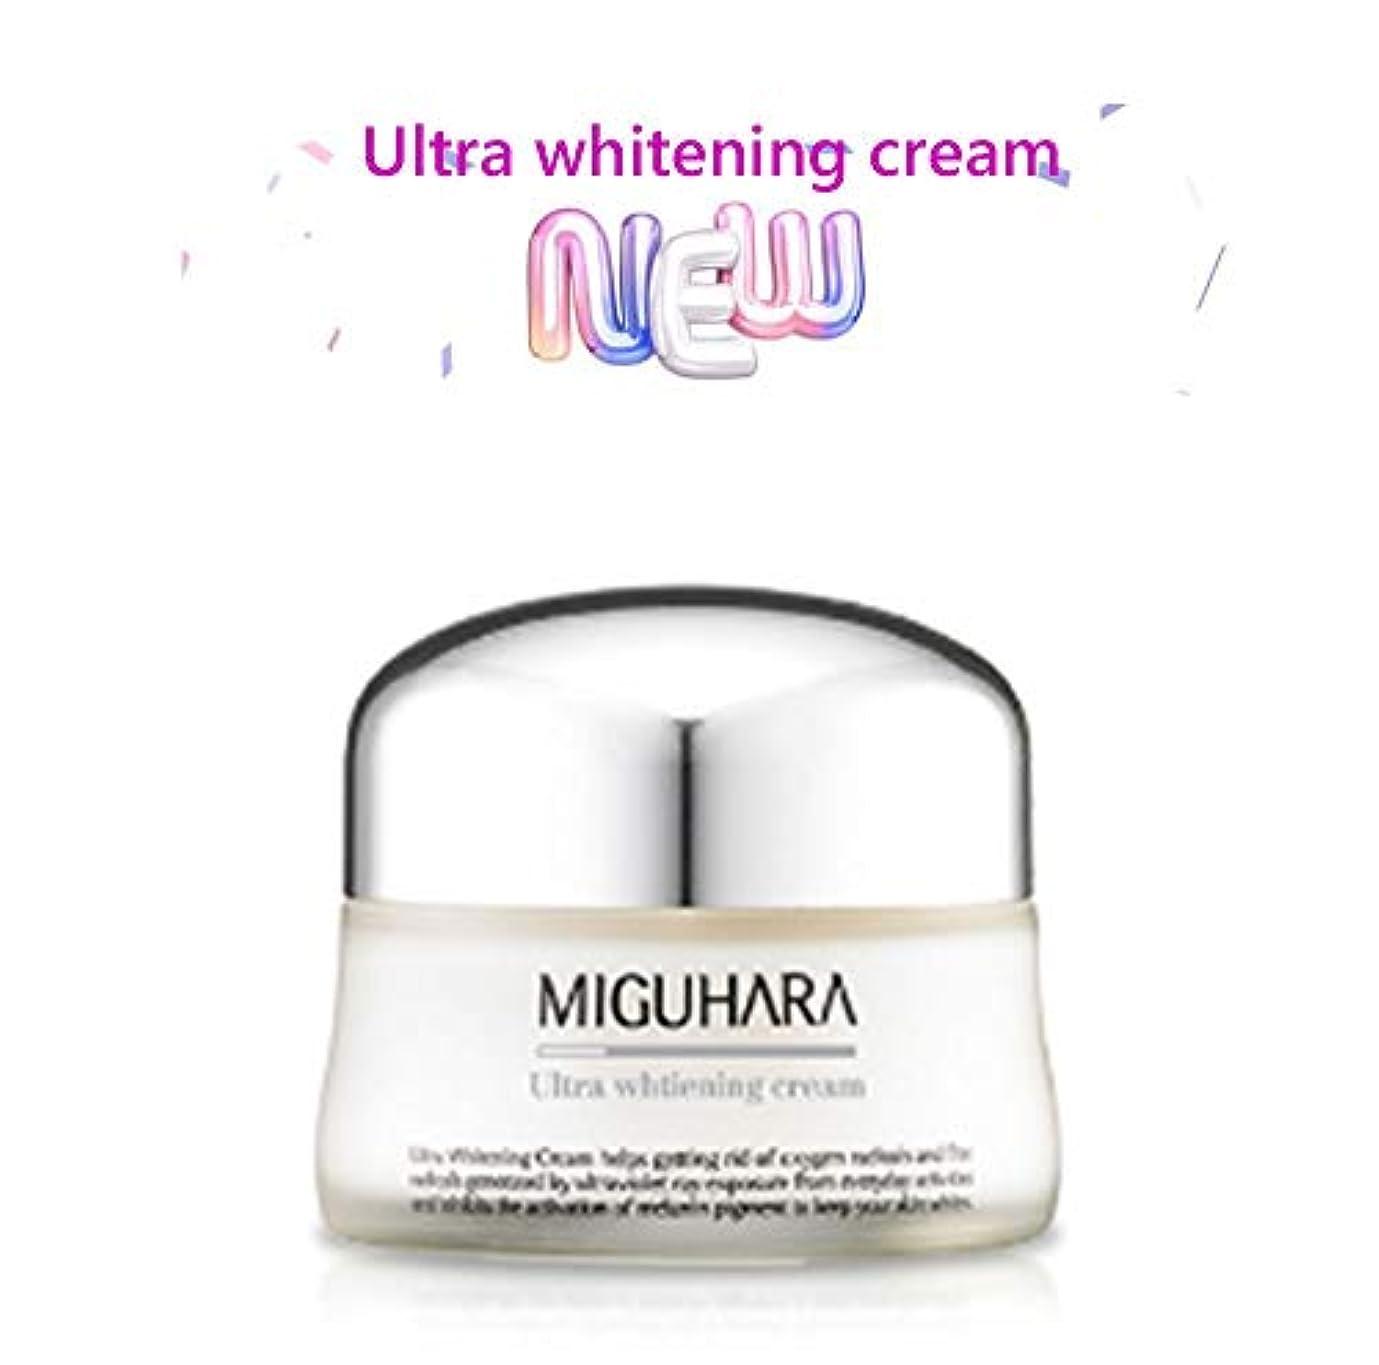 メイドチューリップ成果MIGUHARA ウルトラホワイトニングクリーム 50ml /Ultra Whitening Cream 50ml